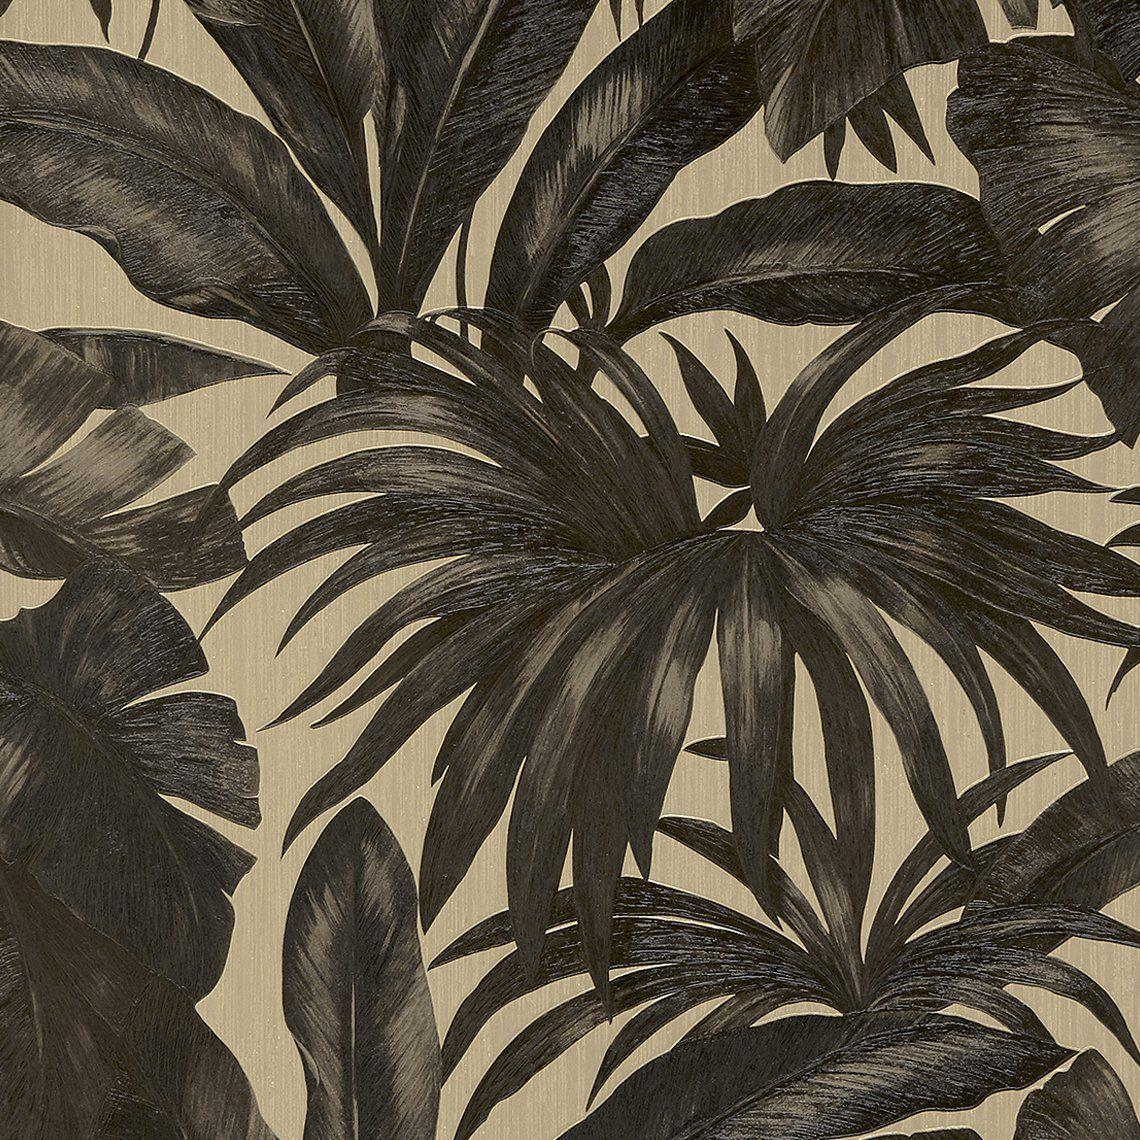 papier peint darcy vinyle sur intiss motif tropical noir et dor en 2019 cuisine papier. Black Bedroom Furniture Sets. Home Design Ideas